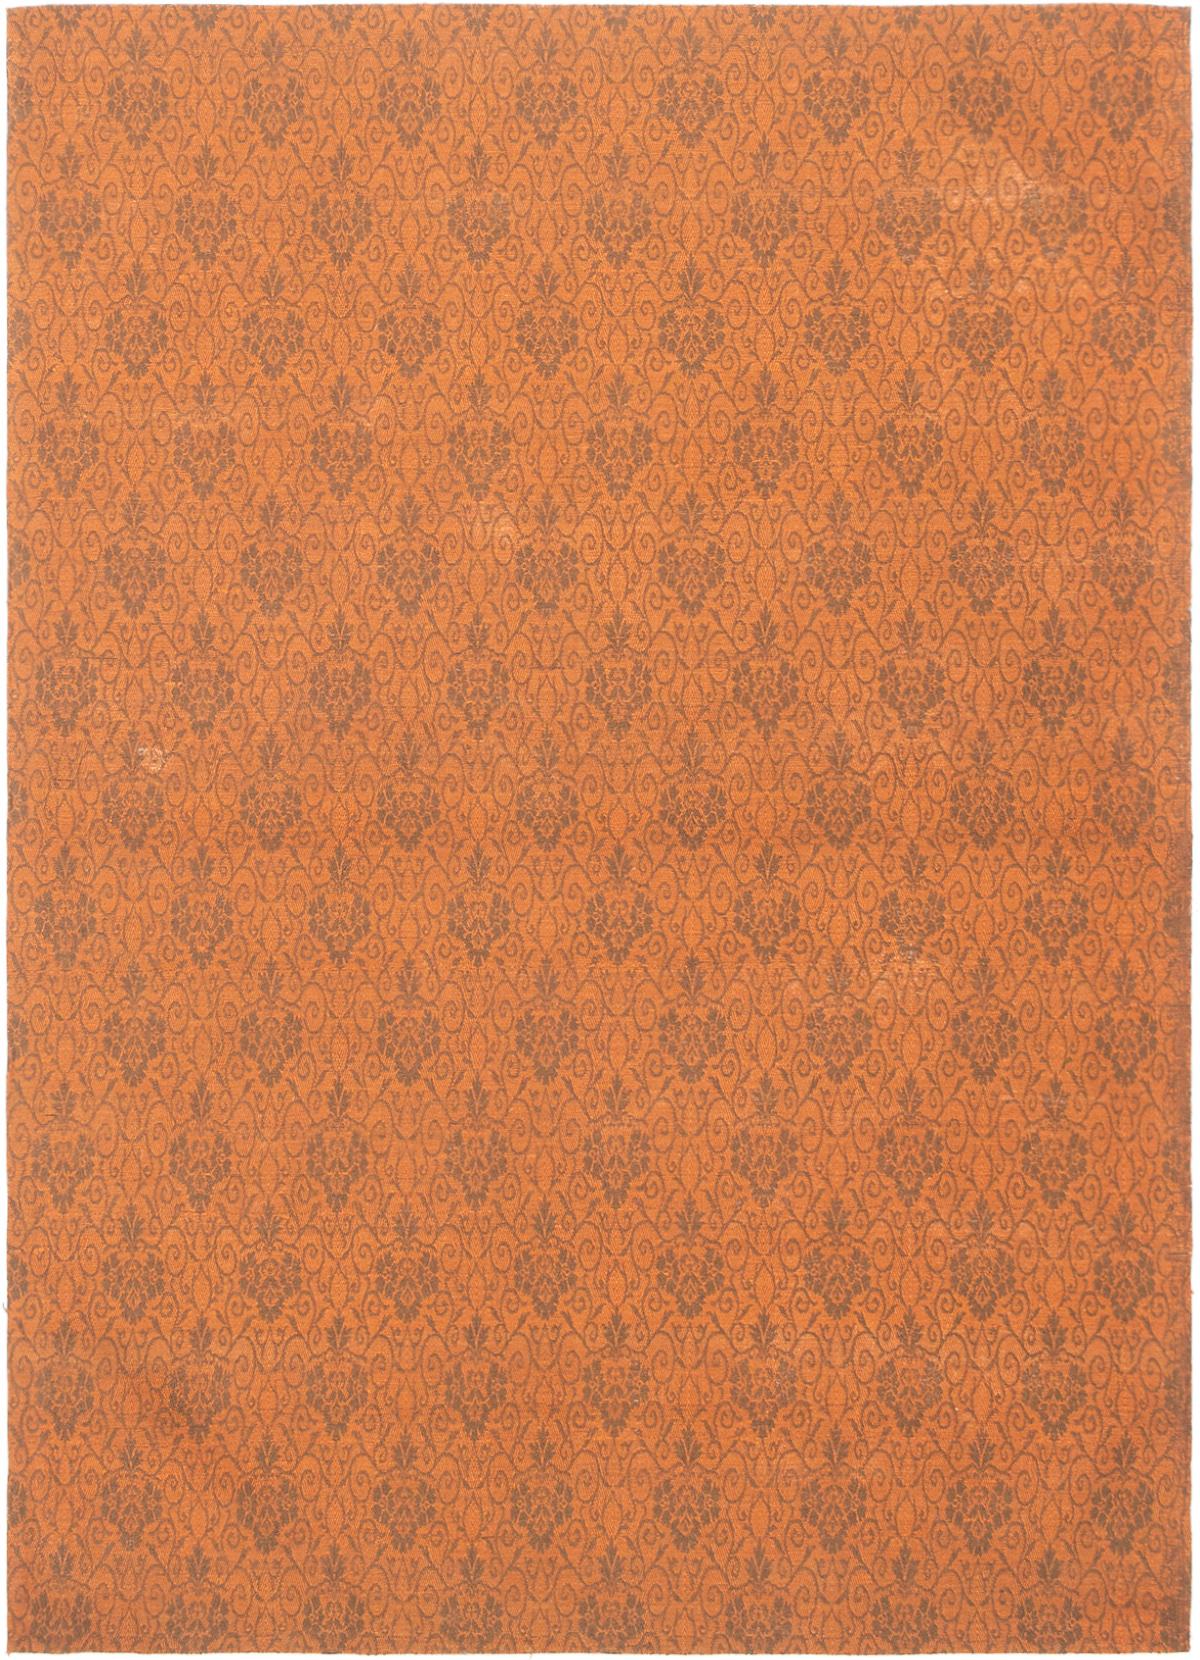 """Handmade Collage Burnt Orange, Dark Grey Chenille Rug 5'6"""" x 7'9"""" Size: 5'6"""" x 7'9"""""""